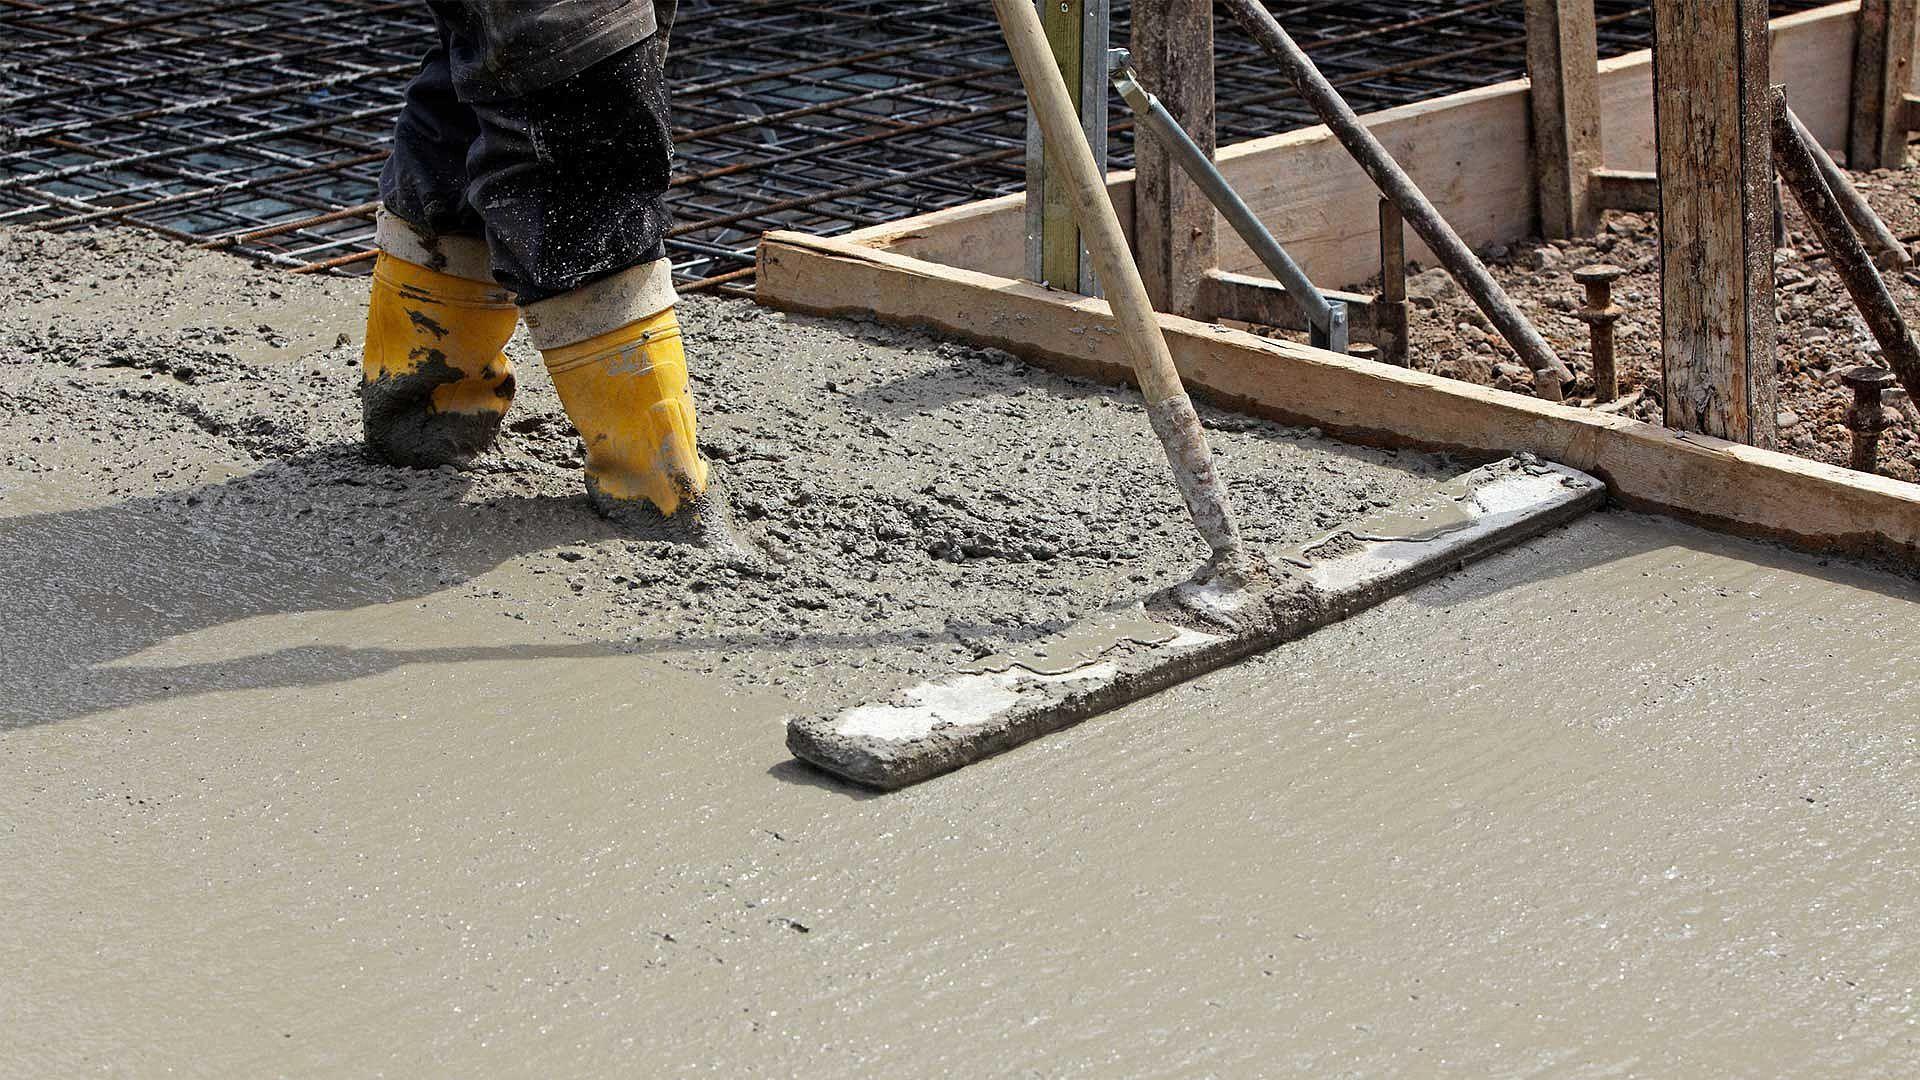 Монолитные работы: заливка бетона в зимний период